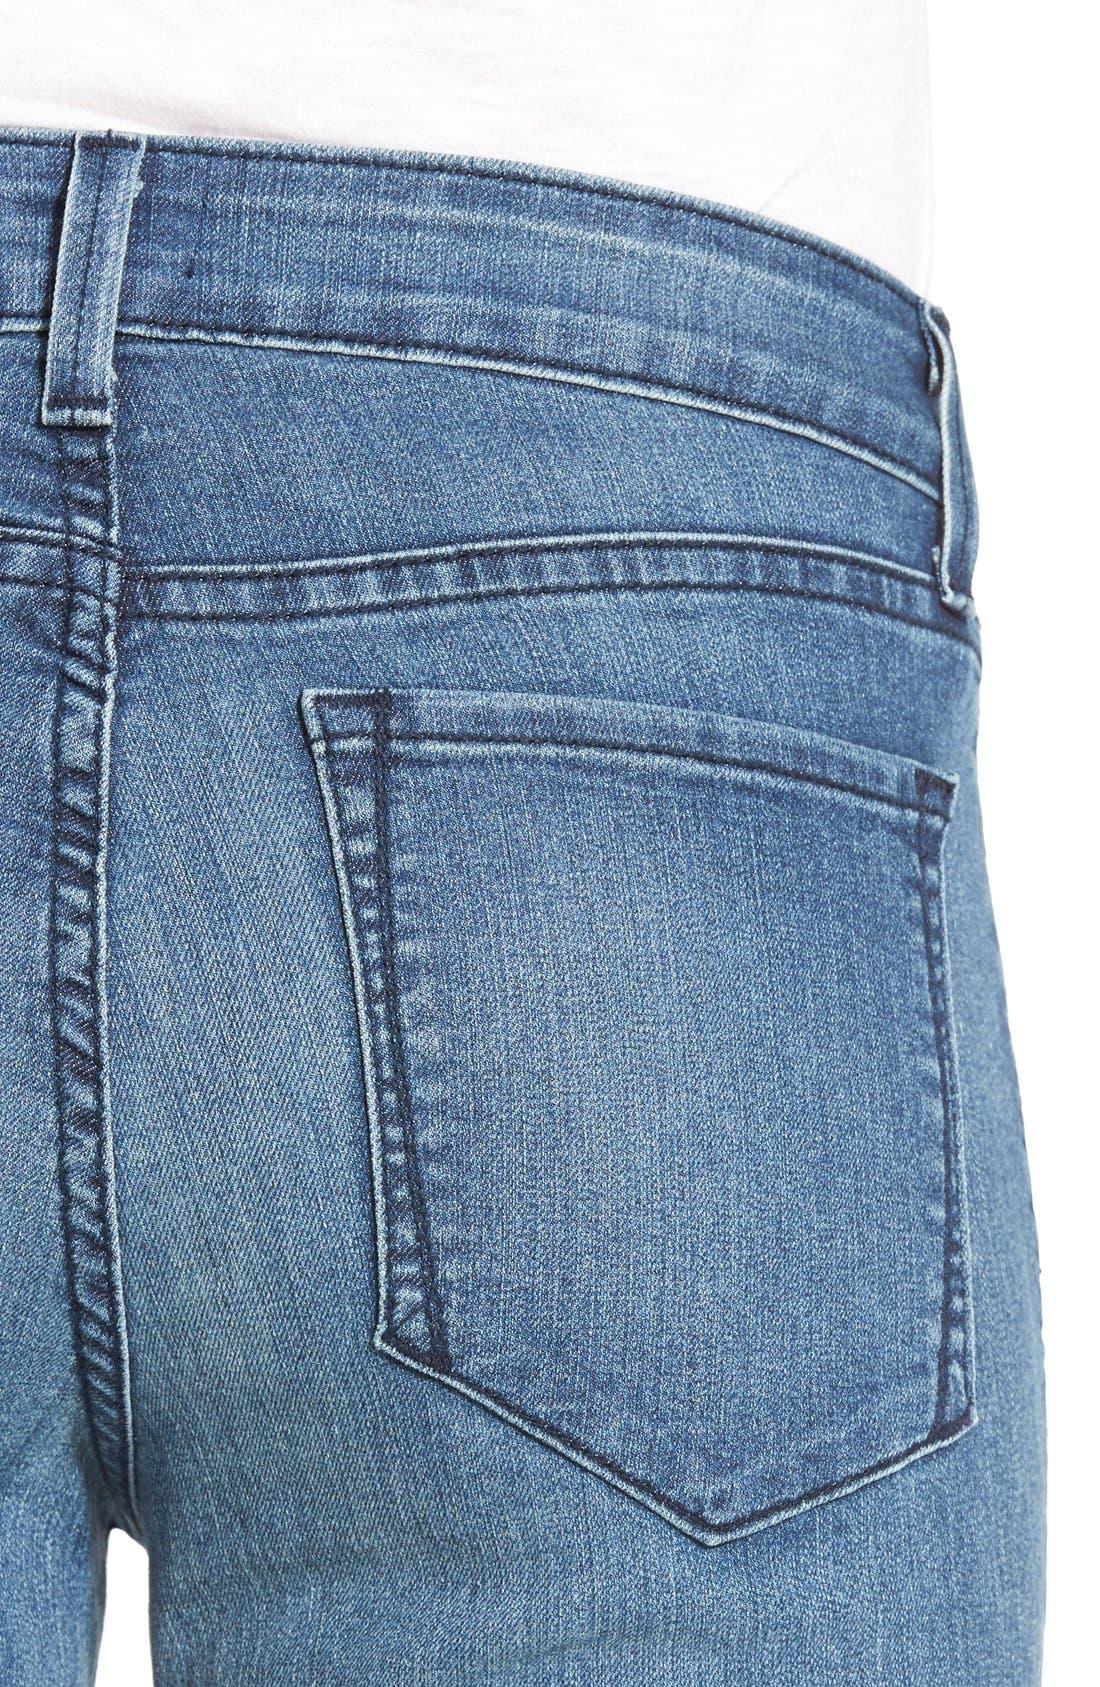 Alternate Image 4  - NYDJ 'Sheri' Stretch Skinny Jeans (Karval) (Regular & Petite)